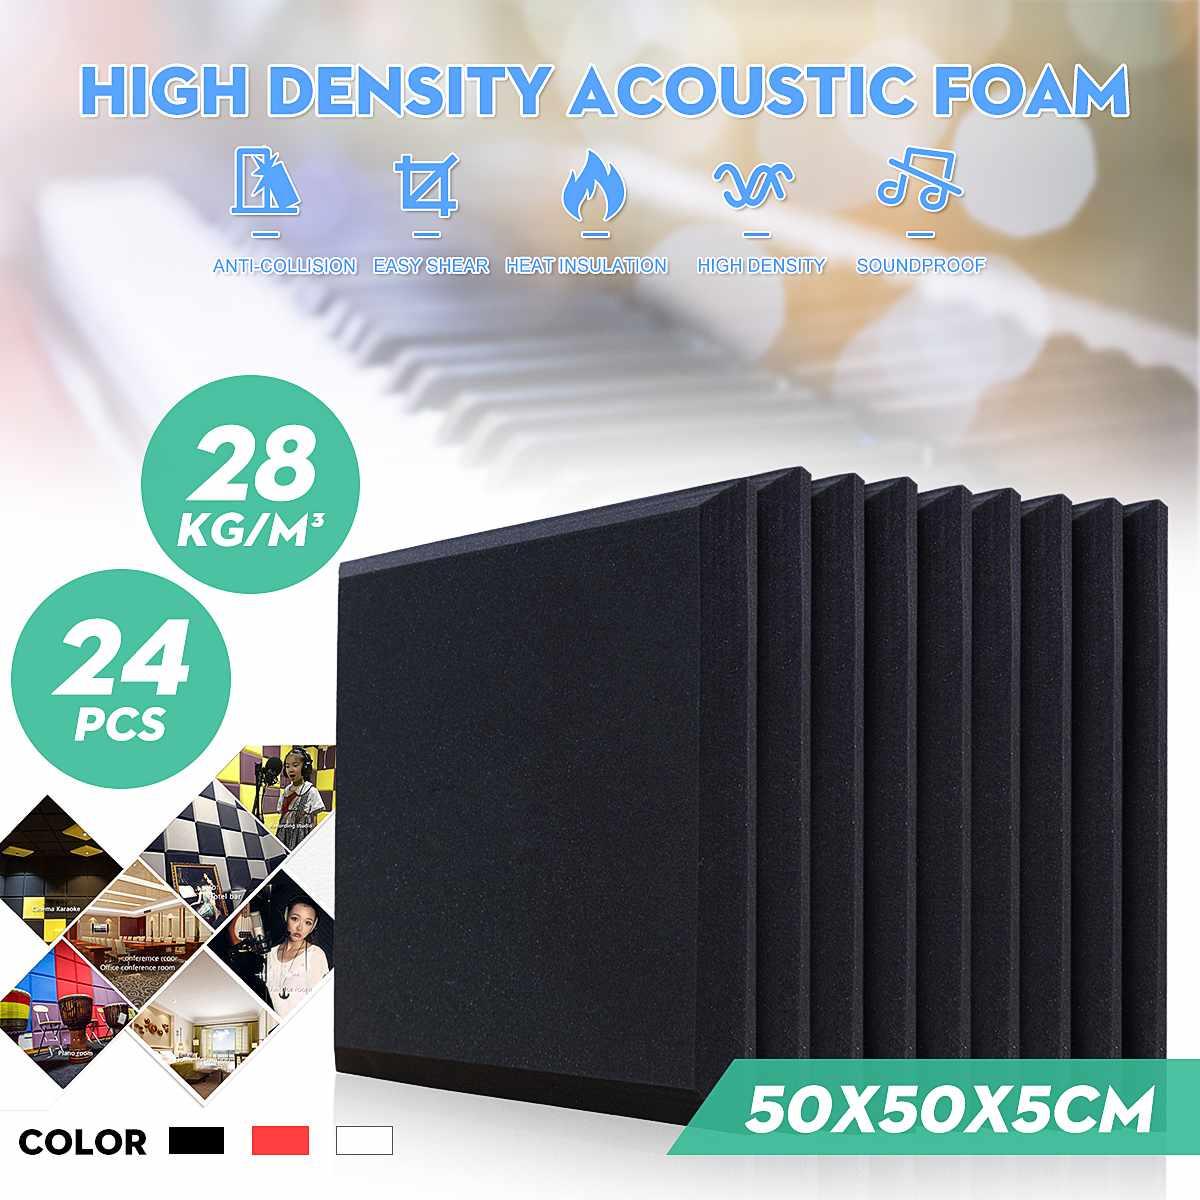 لوحة صوتية لامتصاص الضوضاء 50 × 50 × 5 سنتيمتر ، رغوة امتصاص الصوت لمعالجة الصوت ، 24 قطعة ، 4 ألوان